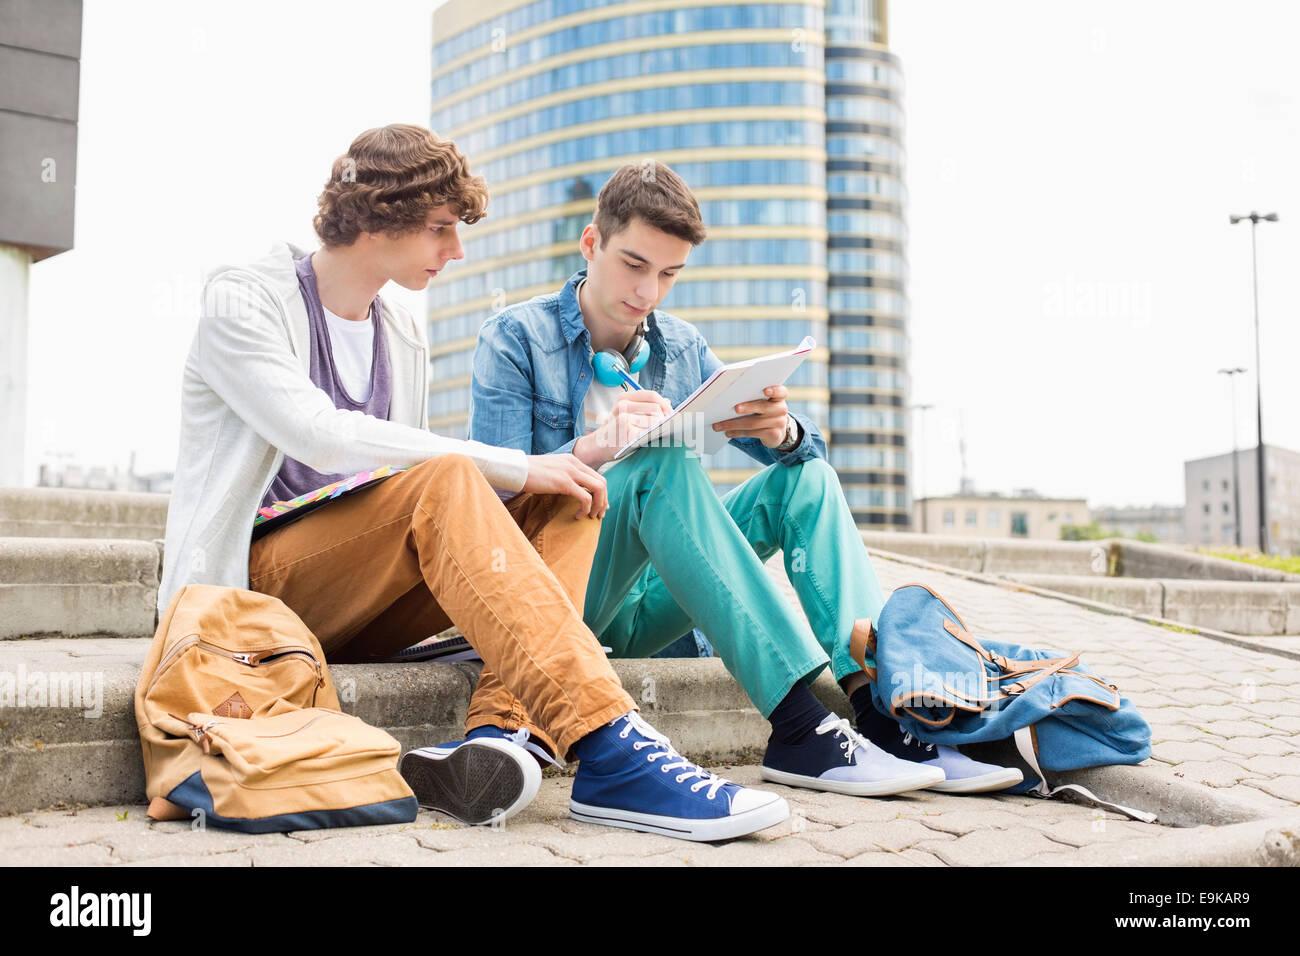 Lunghezza completa di maschi giovani studenti universitari che studiano sui gradini contro un edificio Immagini Stock